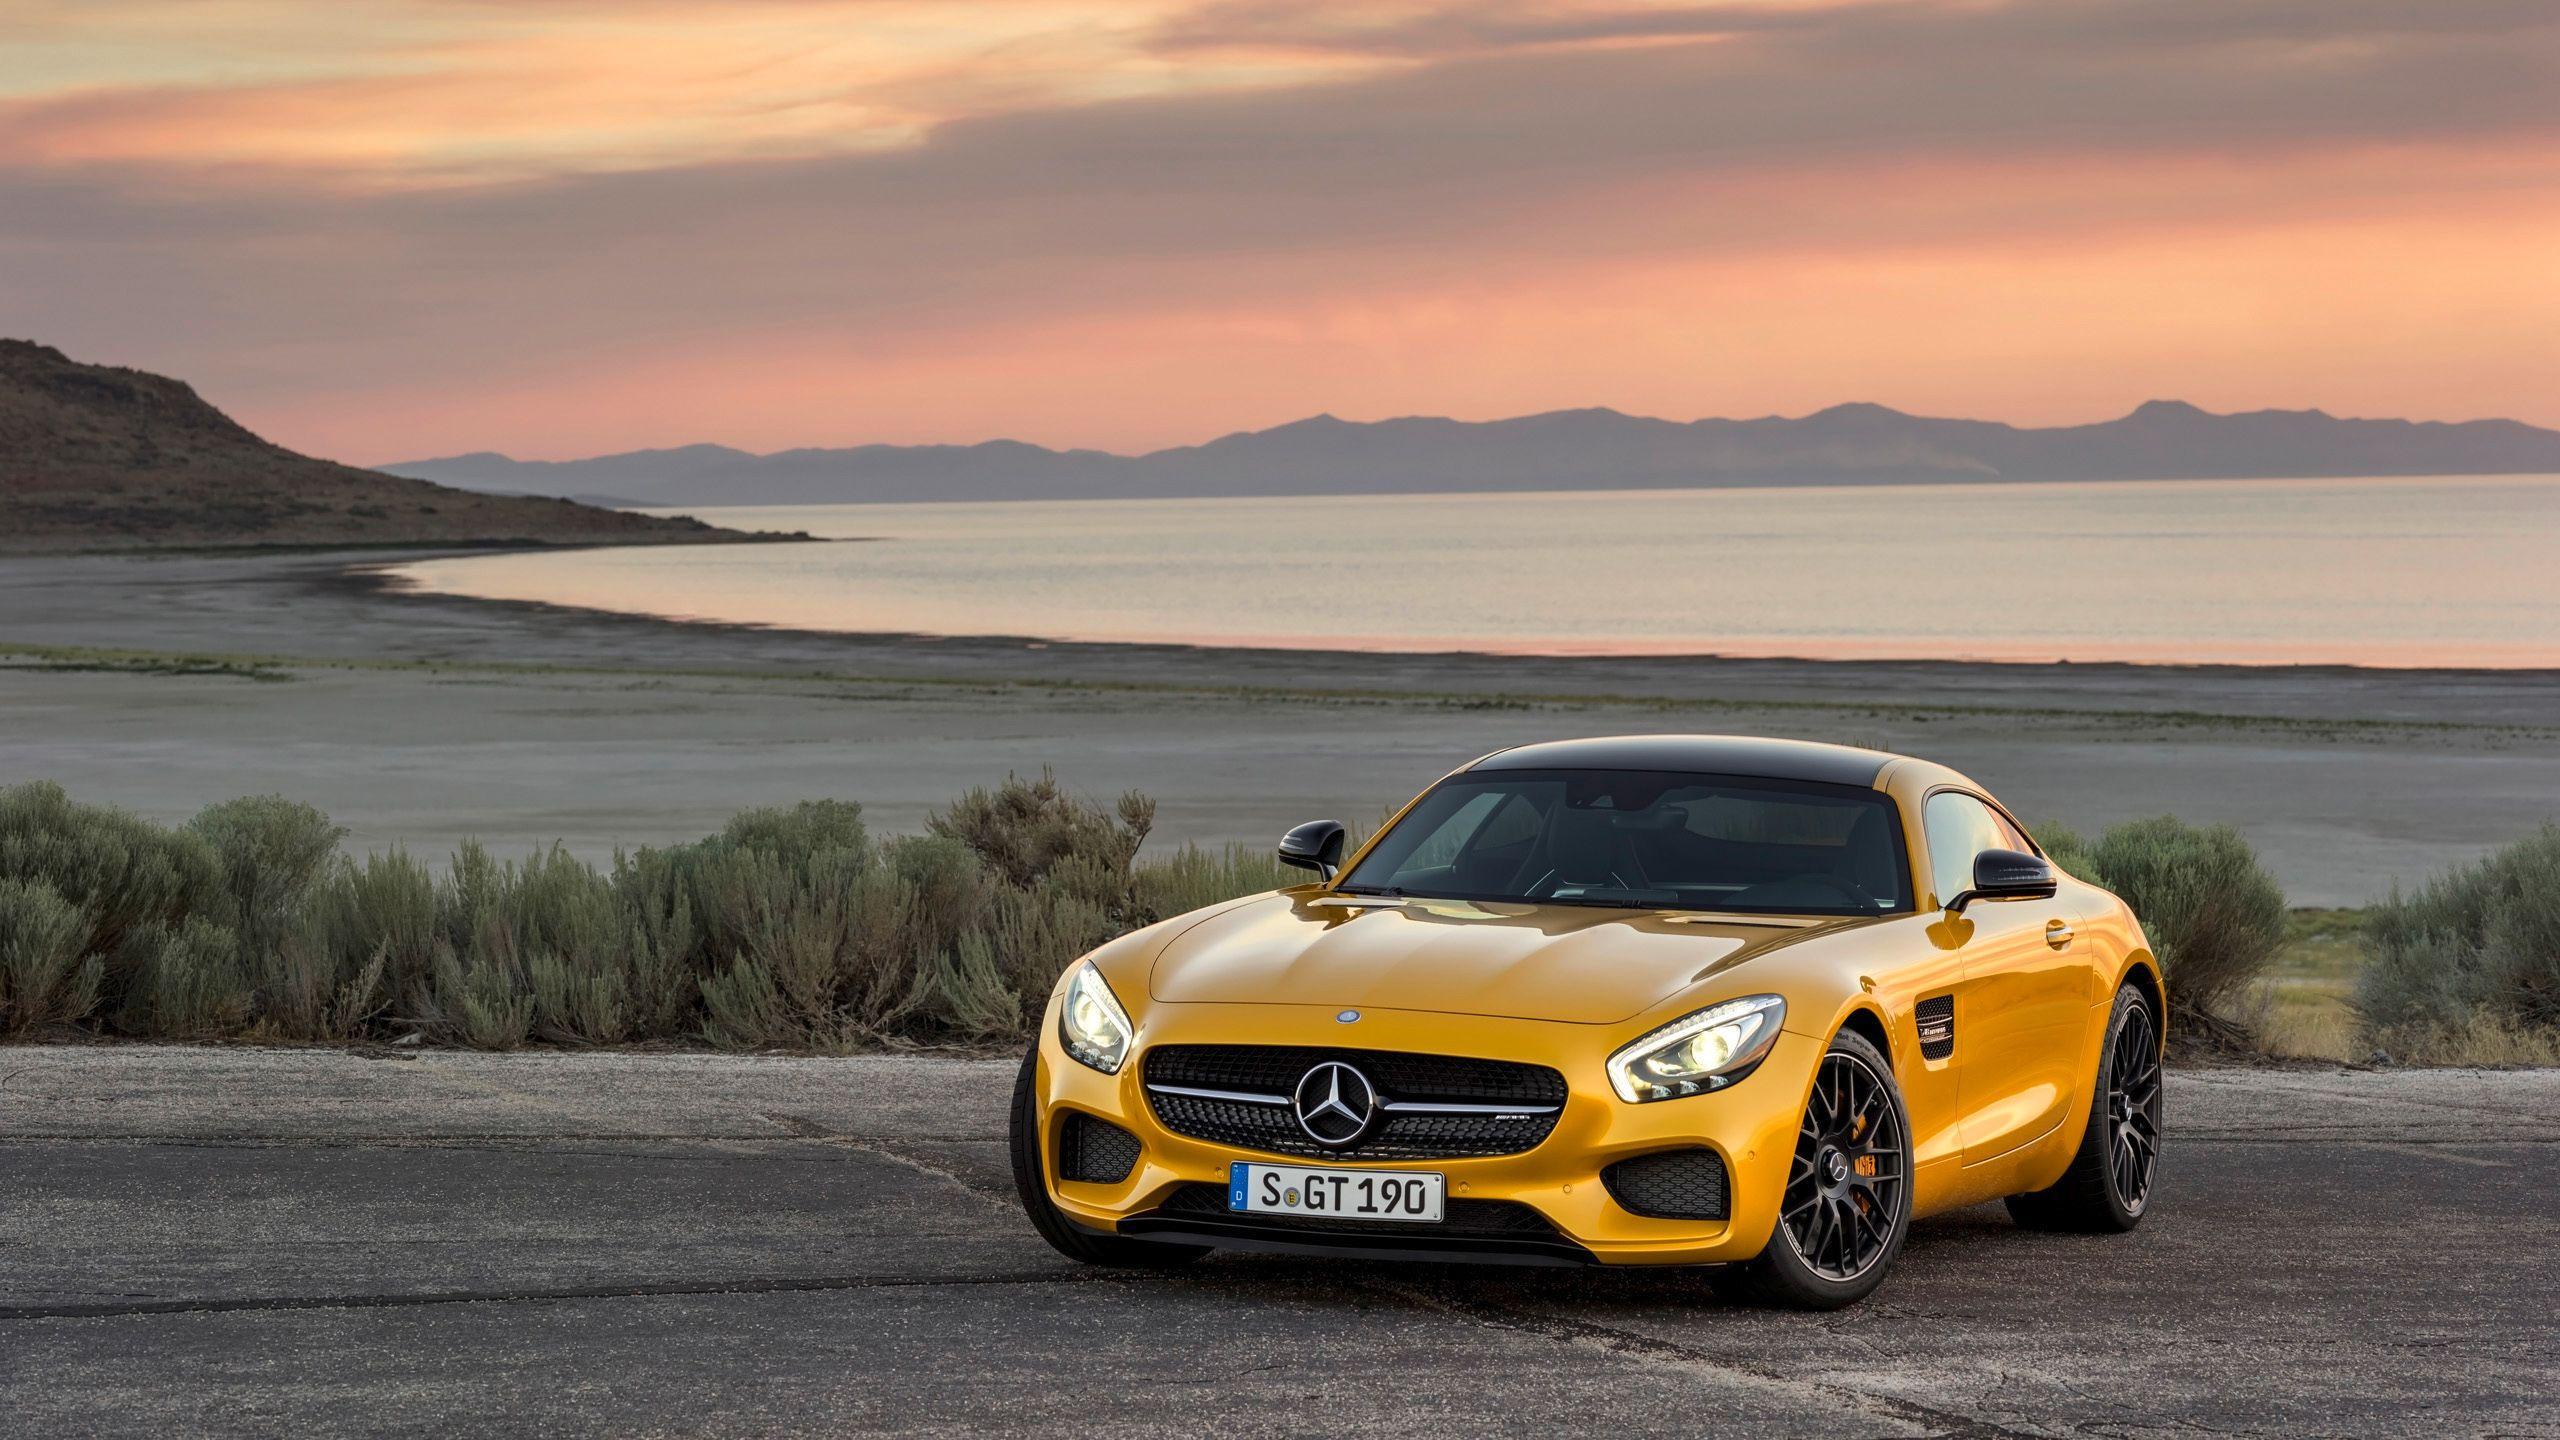 52 Best Free Mercedes Benz Car Hd Wallpapers Wallpaperaccess